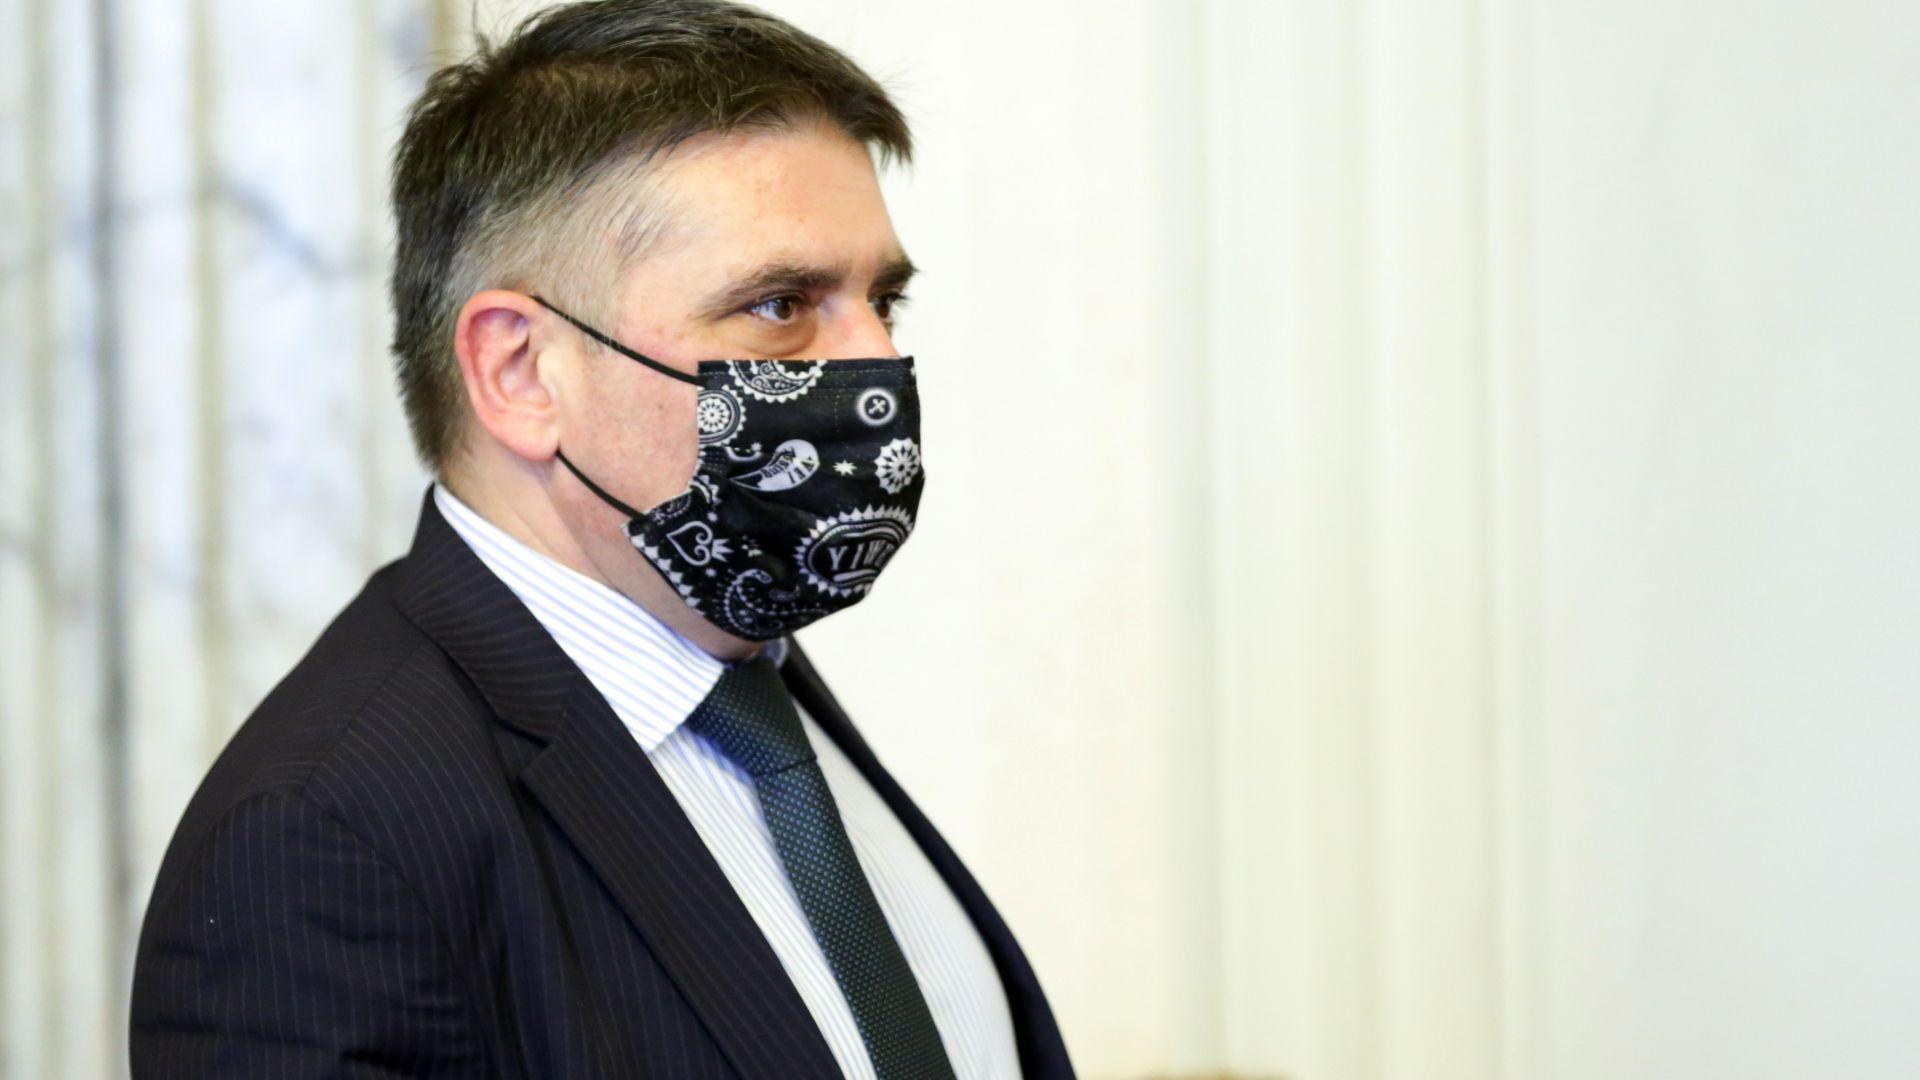 Данаил Кирилов: Няма да подавам оставка, след час може да има друга причина